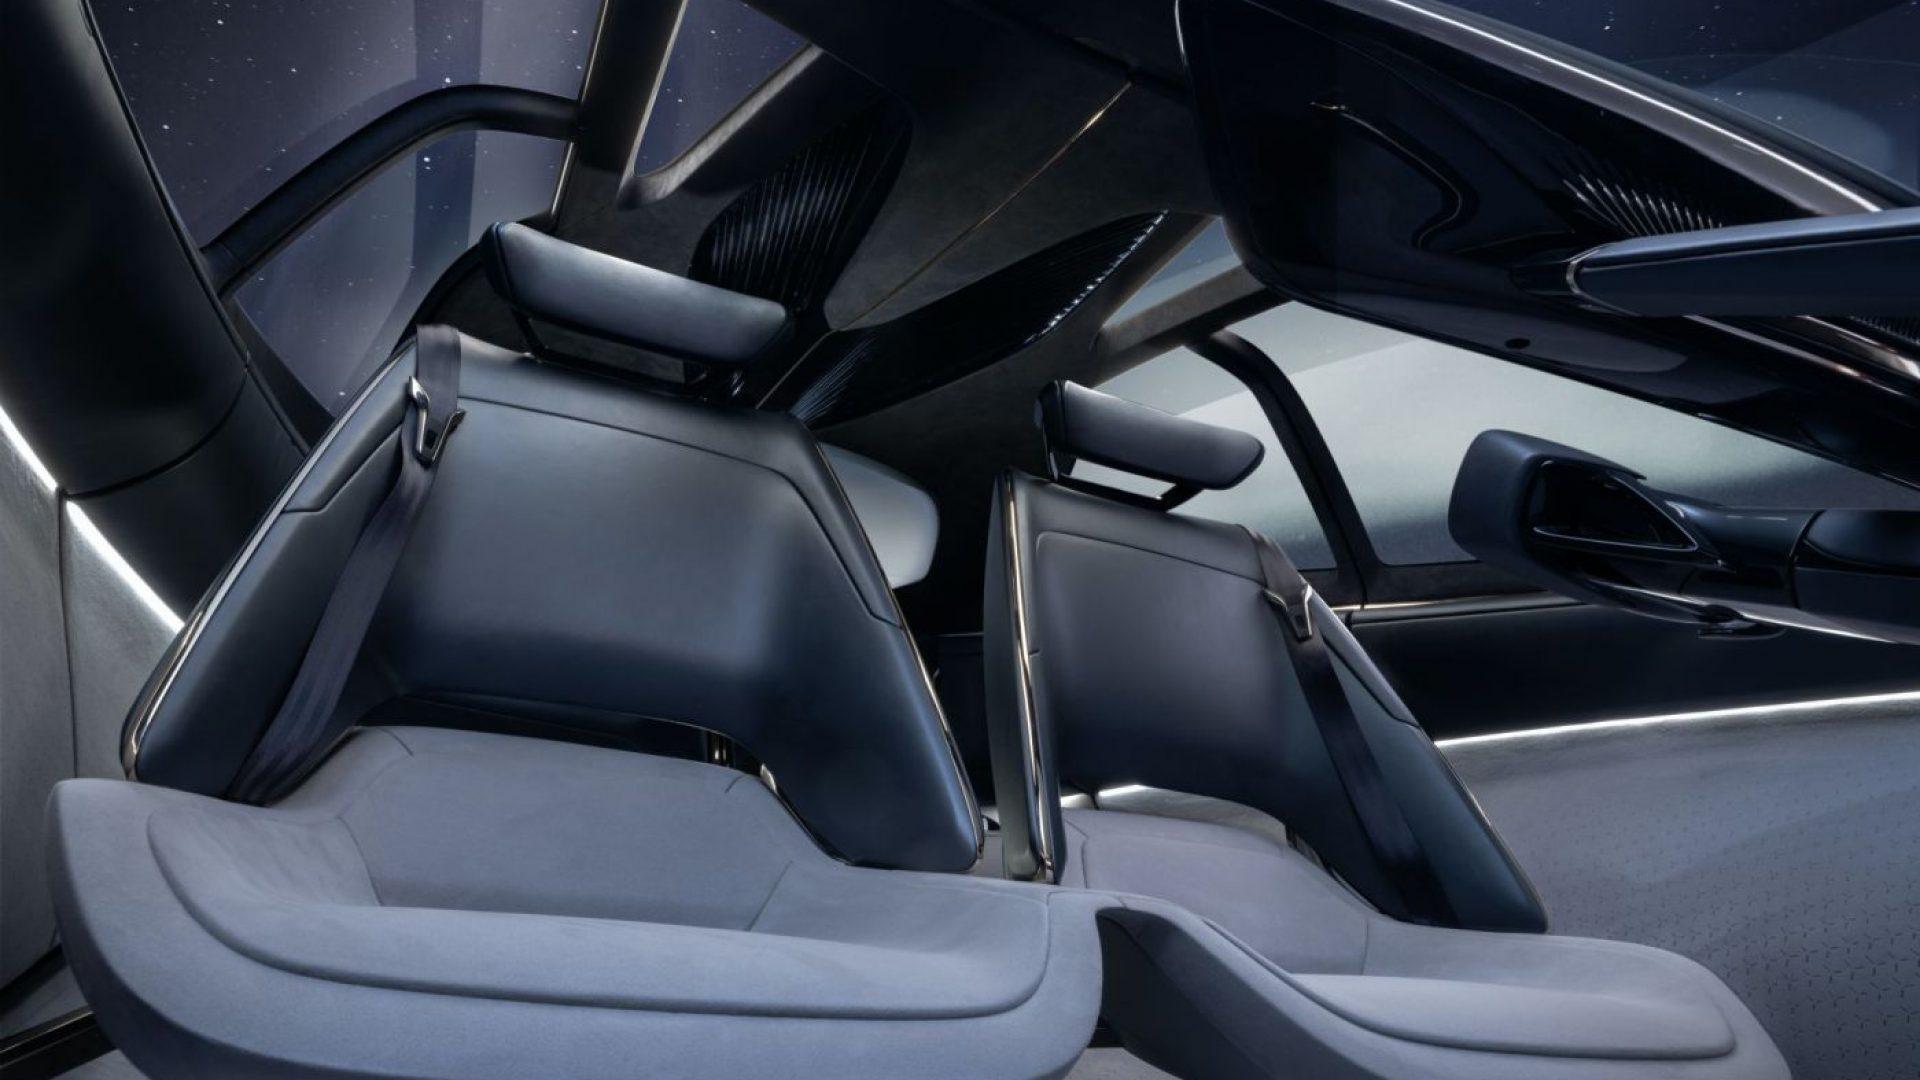 2020-Buick-Electra-Concept-Interior-15